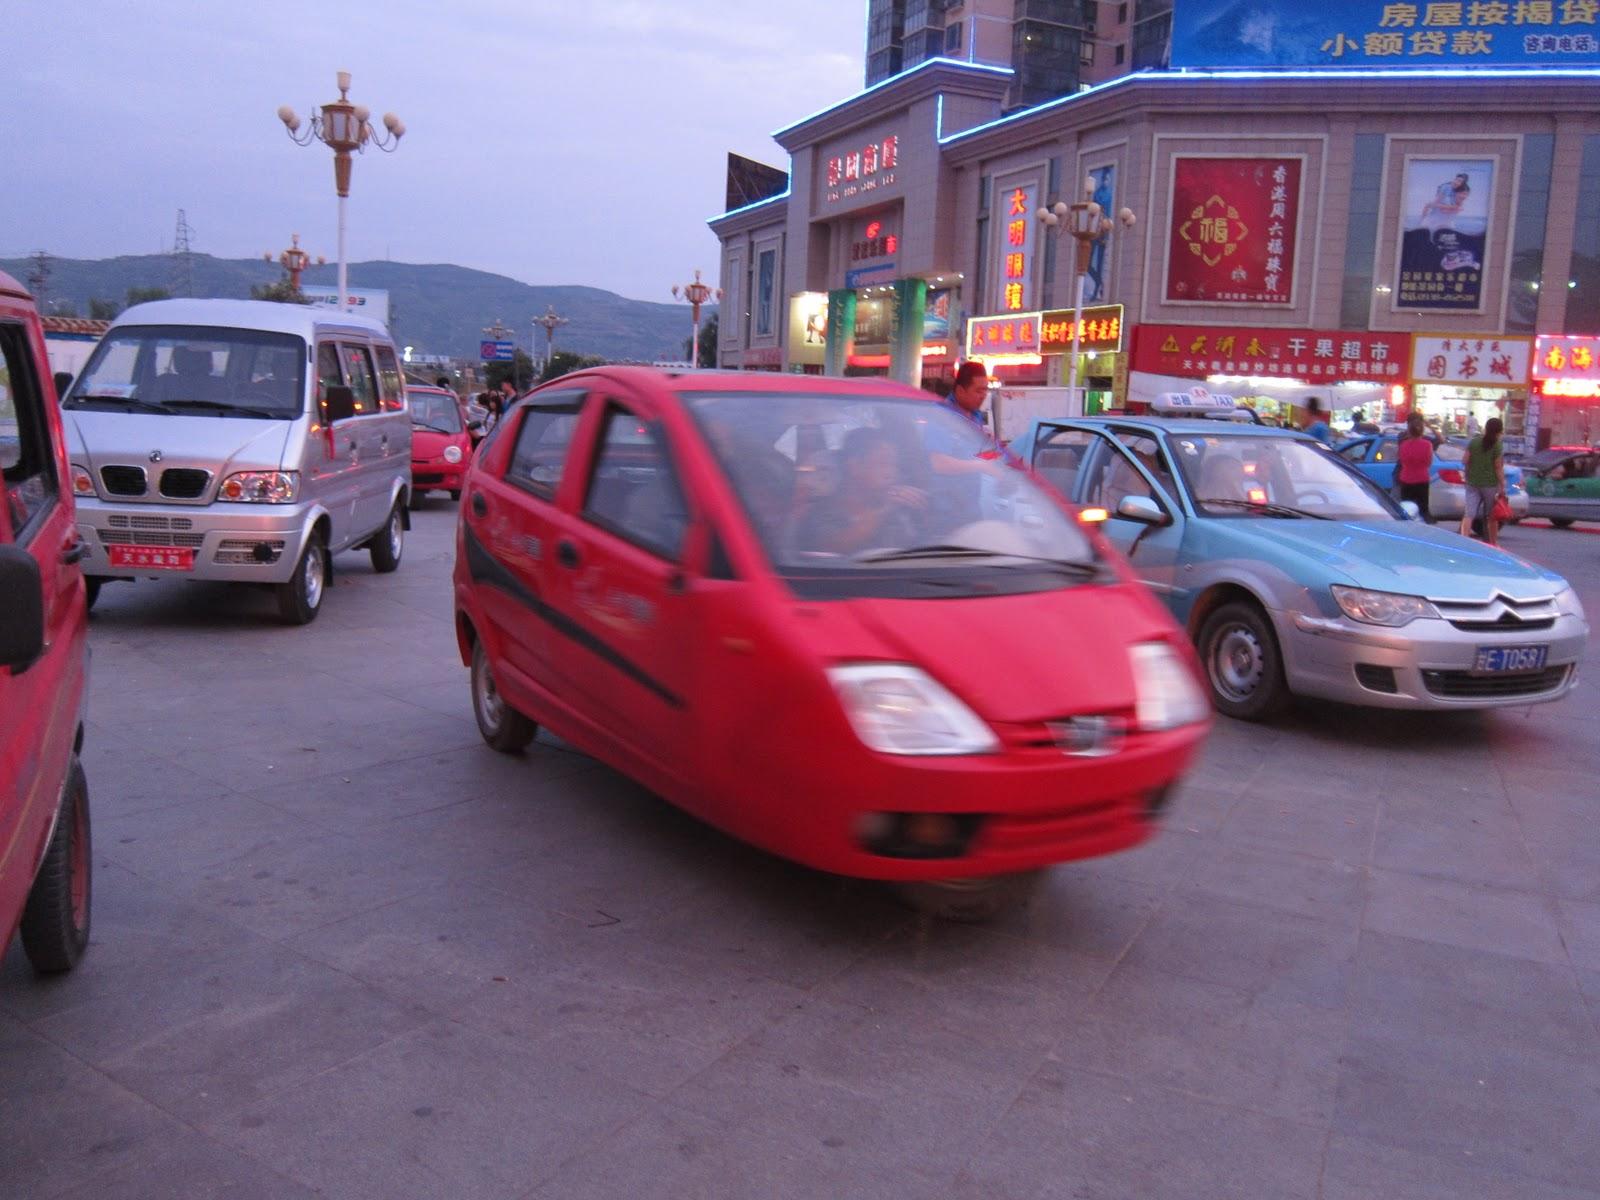 tianshui02